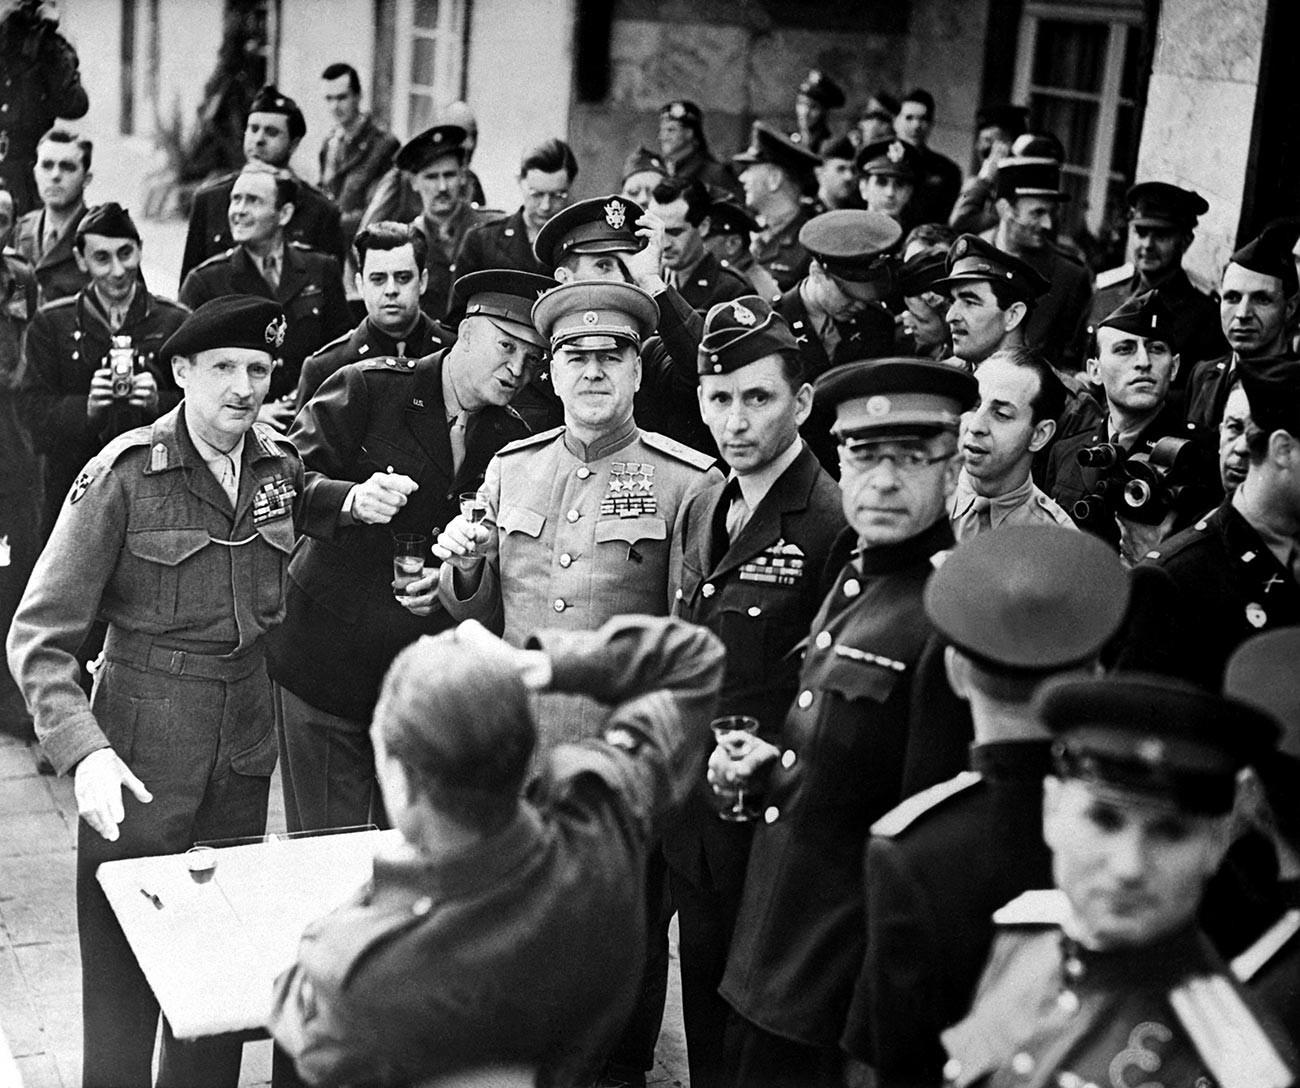 Britanski maršal Bernard Montgomery (levo z baretko) je bil nagrajen z redom zmage 5. junija 1945. Ameriški general Dwight Eisenhower in sovjetski maršal  Georgi Žukov, prav tako prejemnika reda, stojita desno od Montgomeryja.